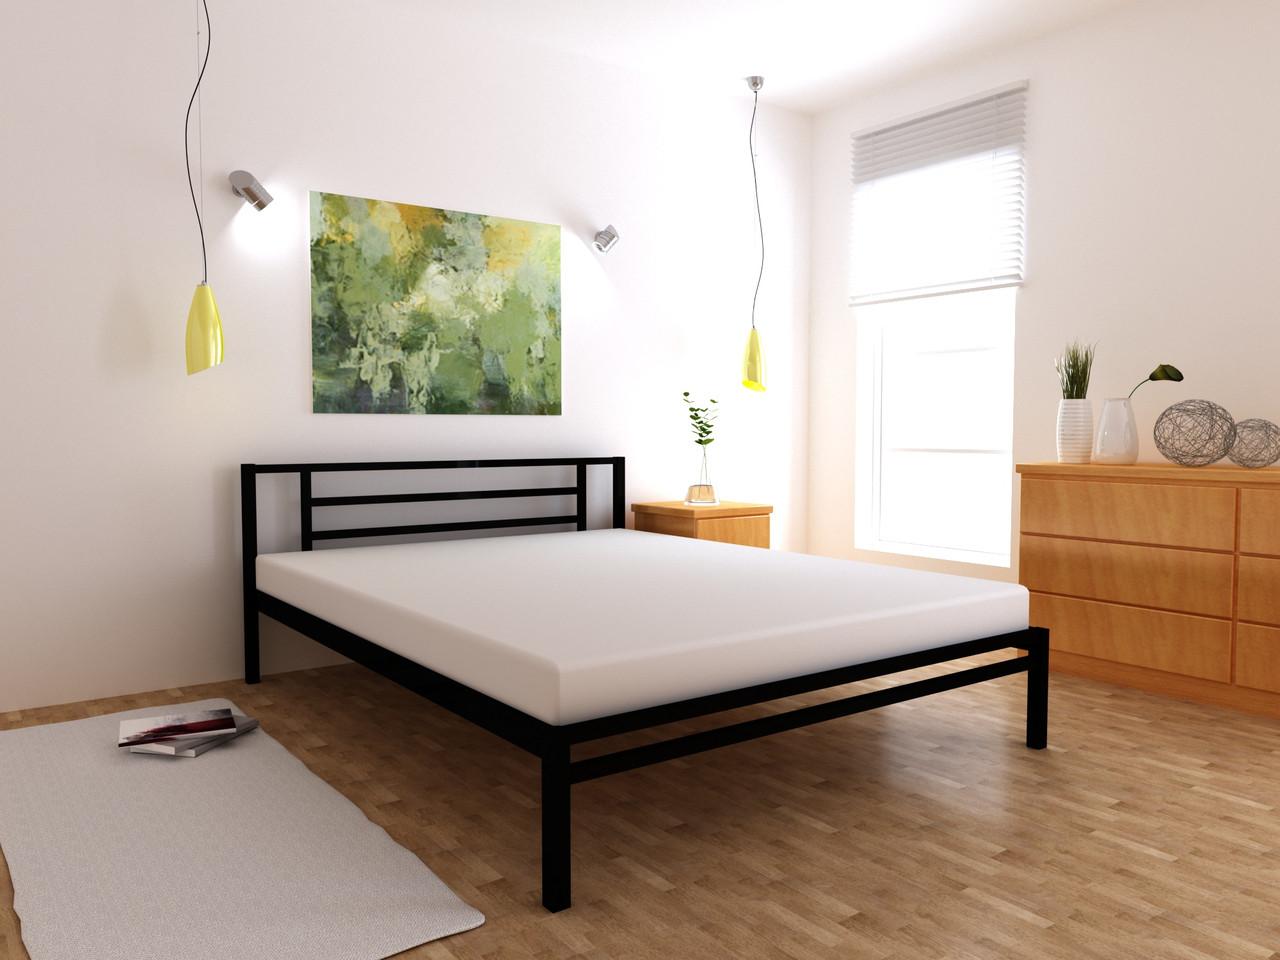 Металлическая кровать Тина 80х190 см ТМ MegaOpt